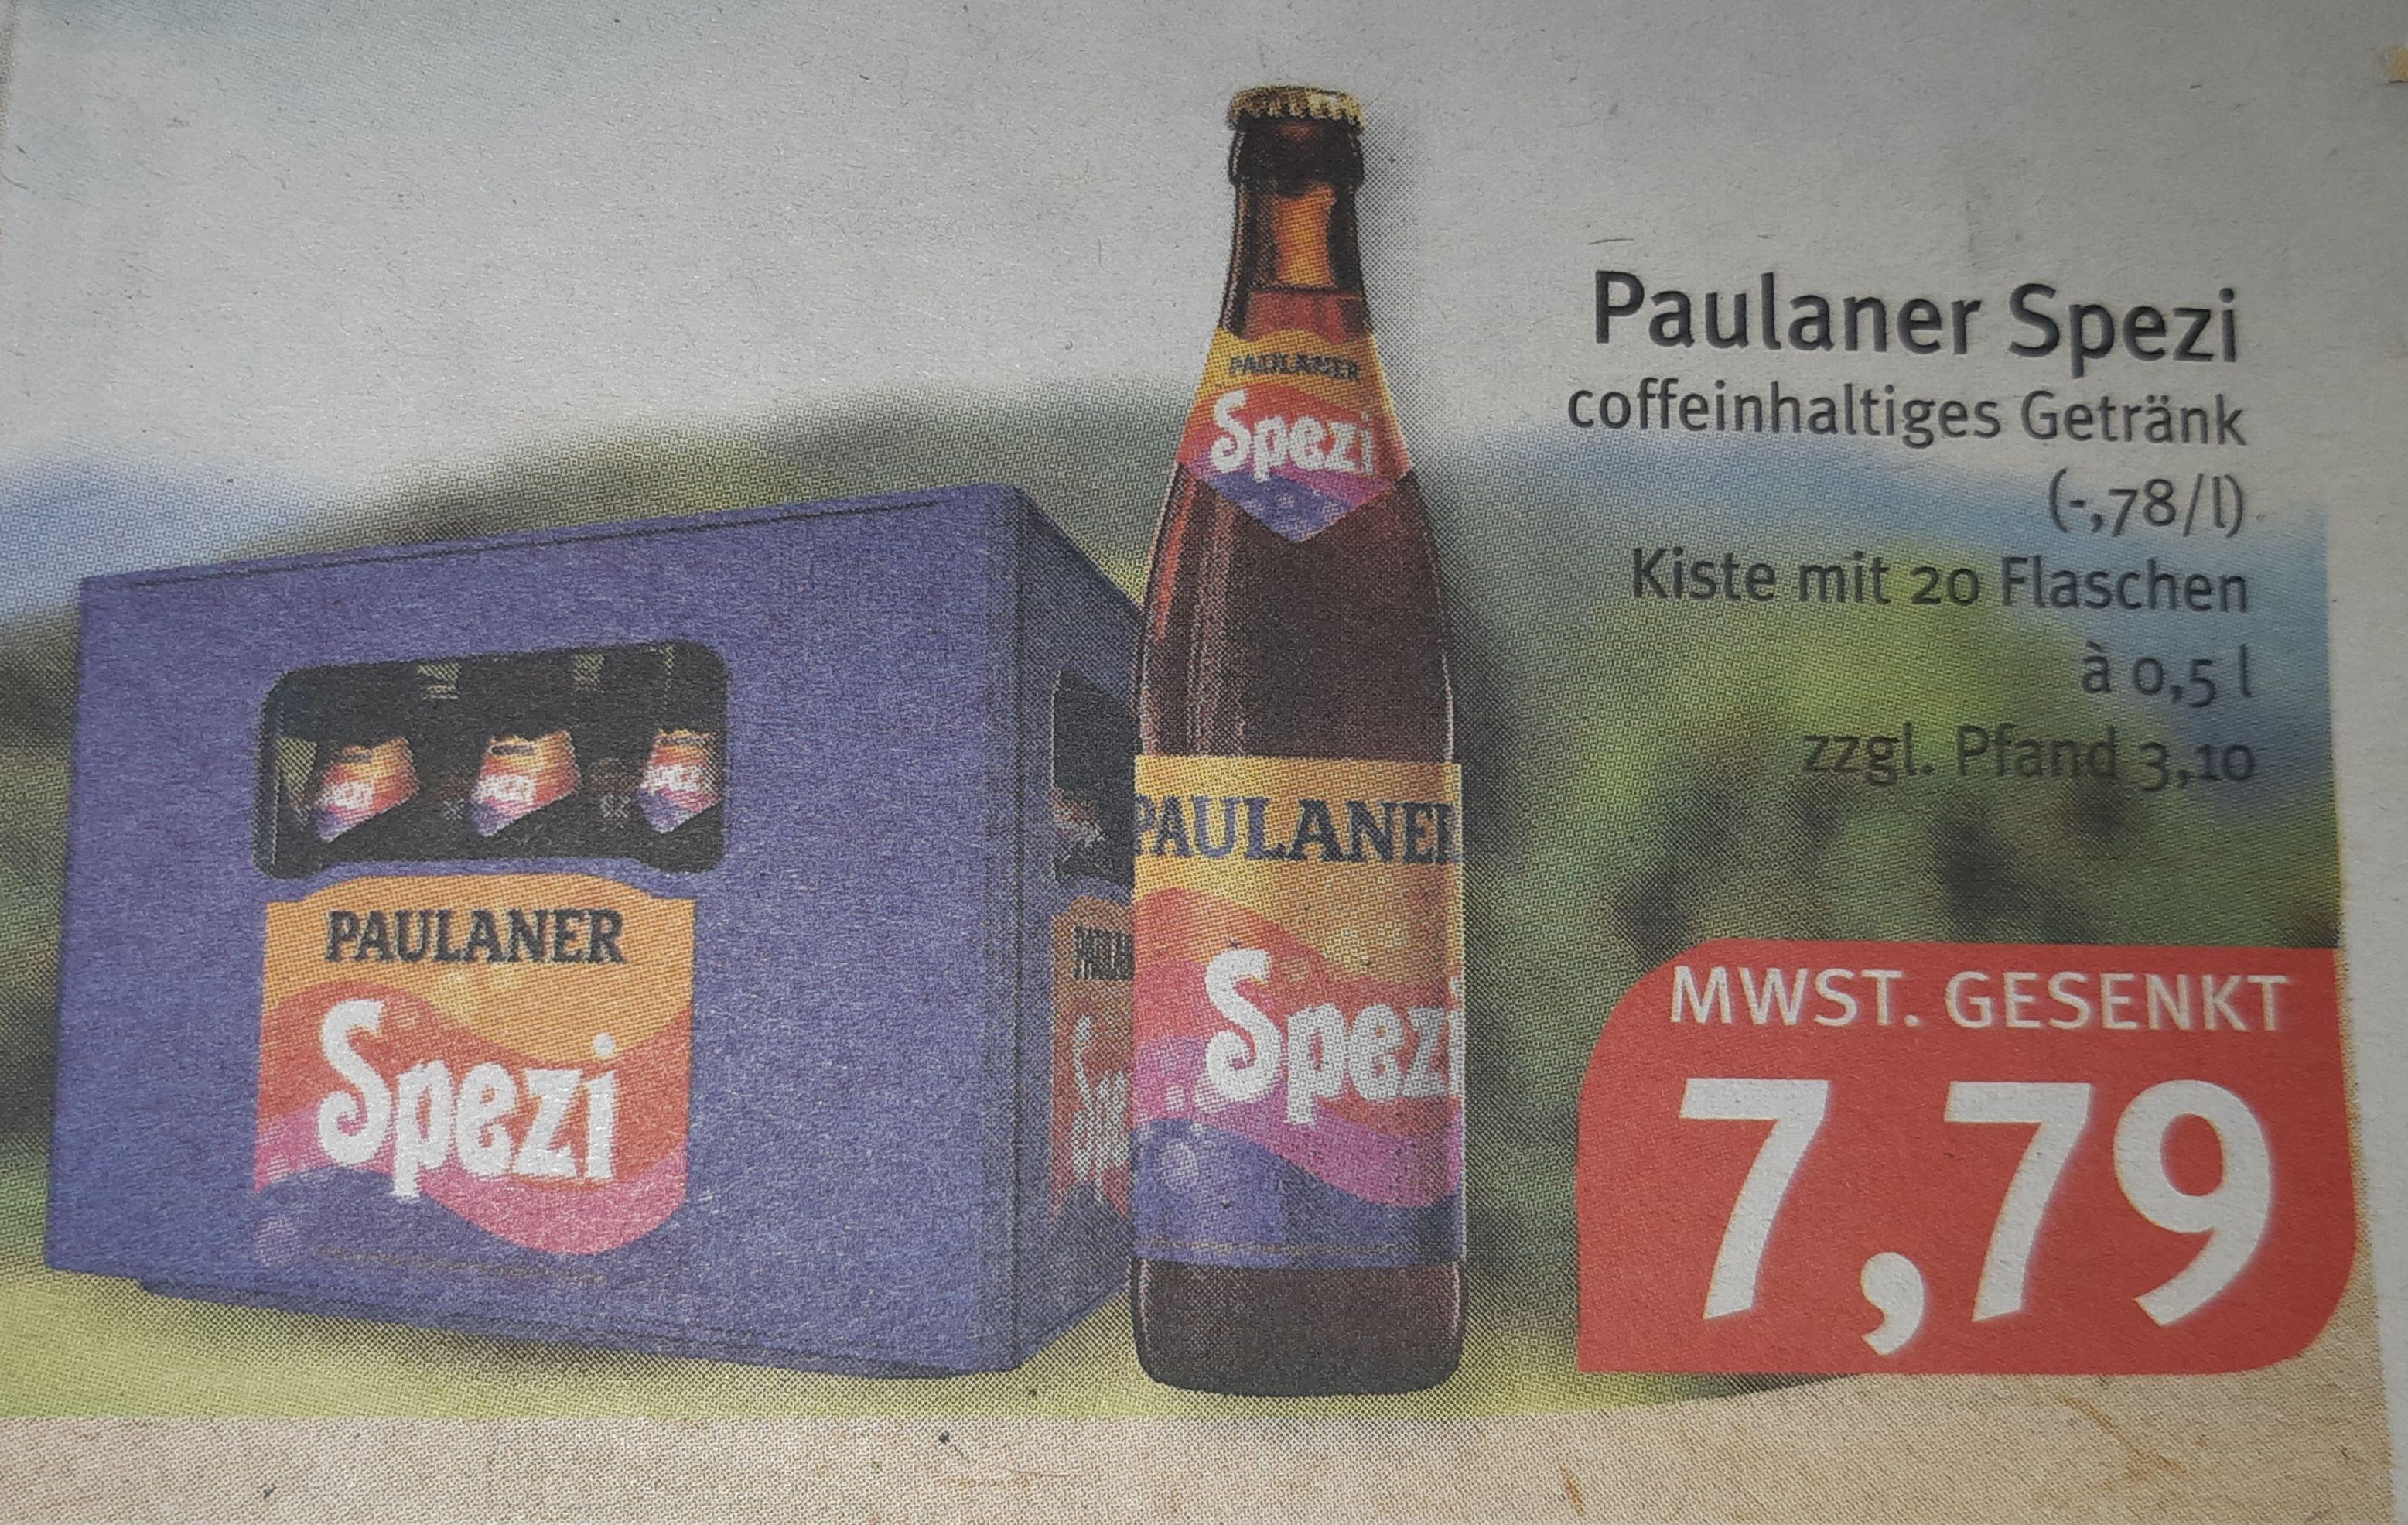 [Lokal Südbayern] Paulaner Spezi bei Feneberg für 7,79 (plus 3,10 Pfand)